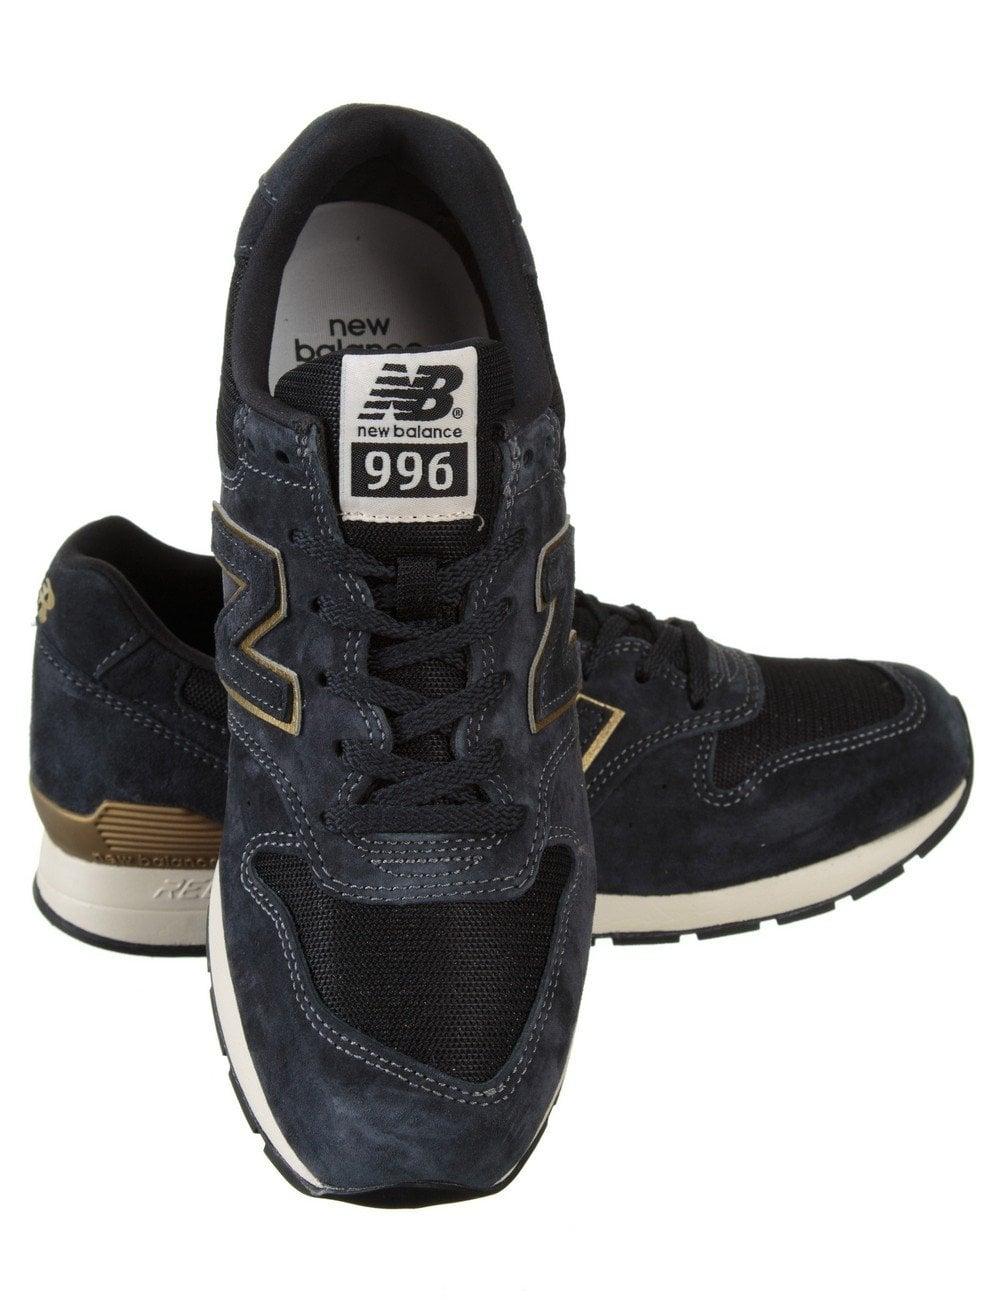 MRL996HB Shoes - Dark Navy/Gold